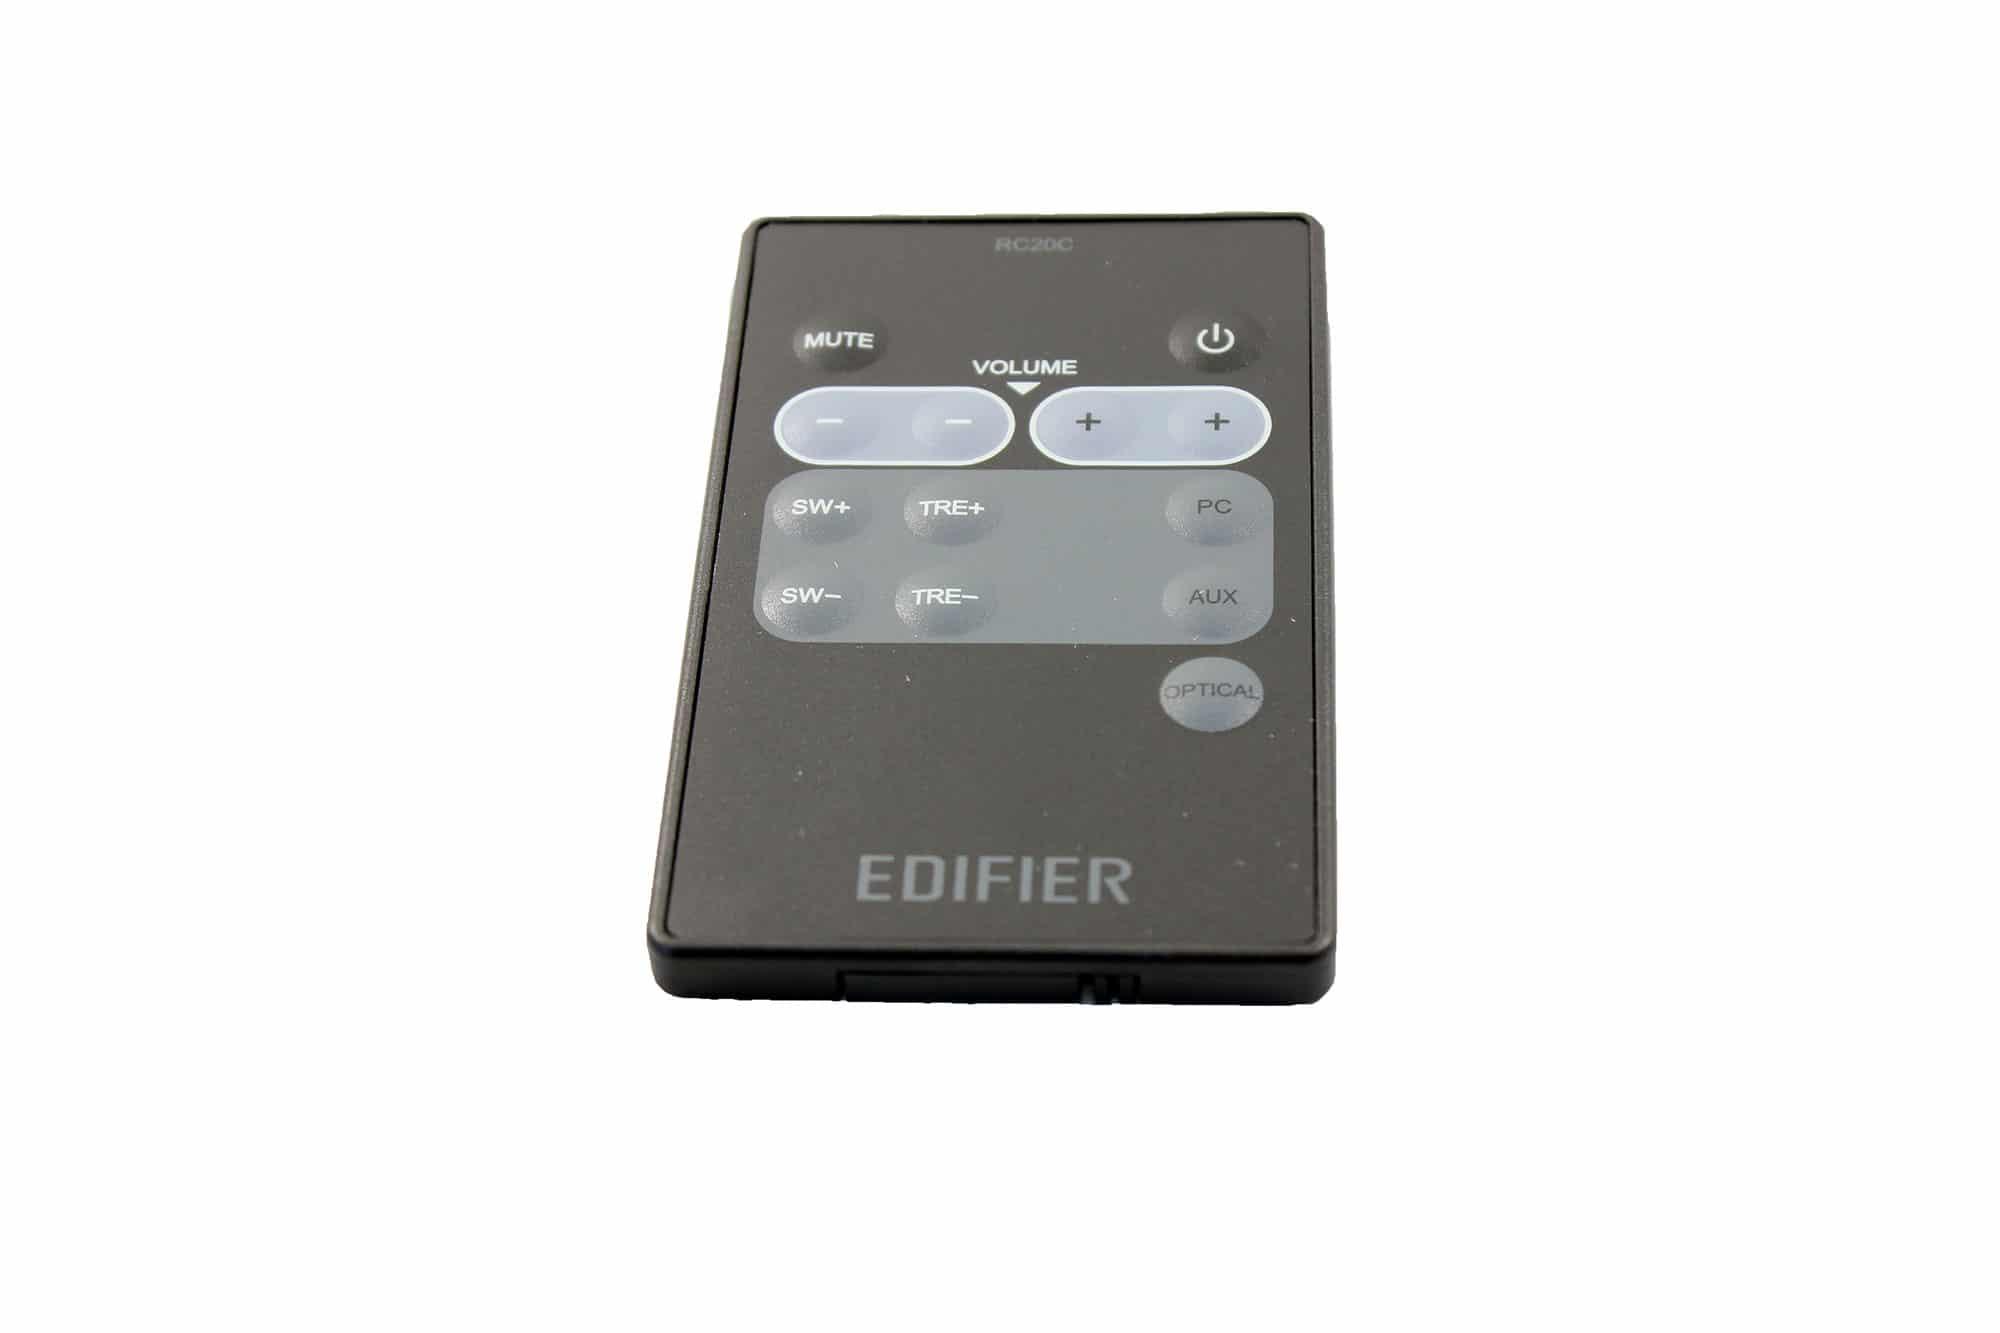 edifier c2xd 2 1 soundsystem im test basic tutorials. Black Bedroom Furniture Sets. Home Design Ideas